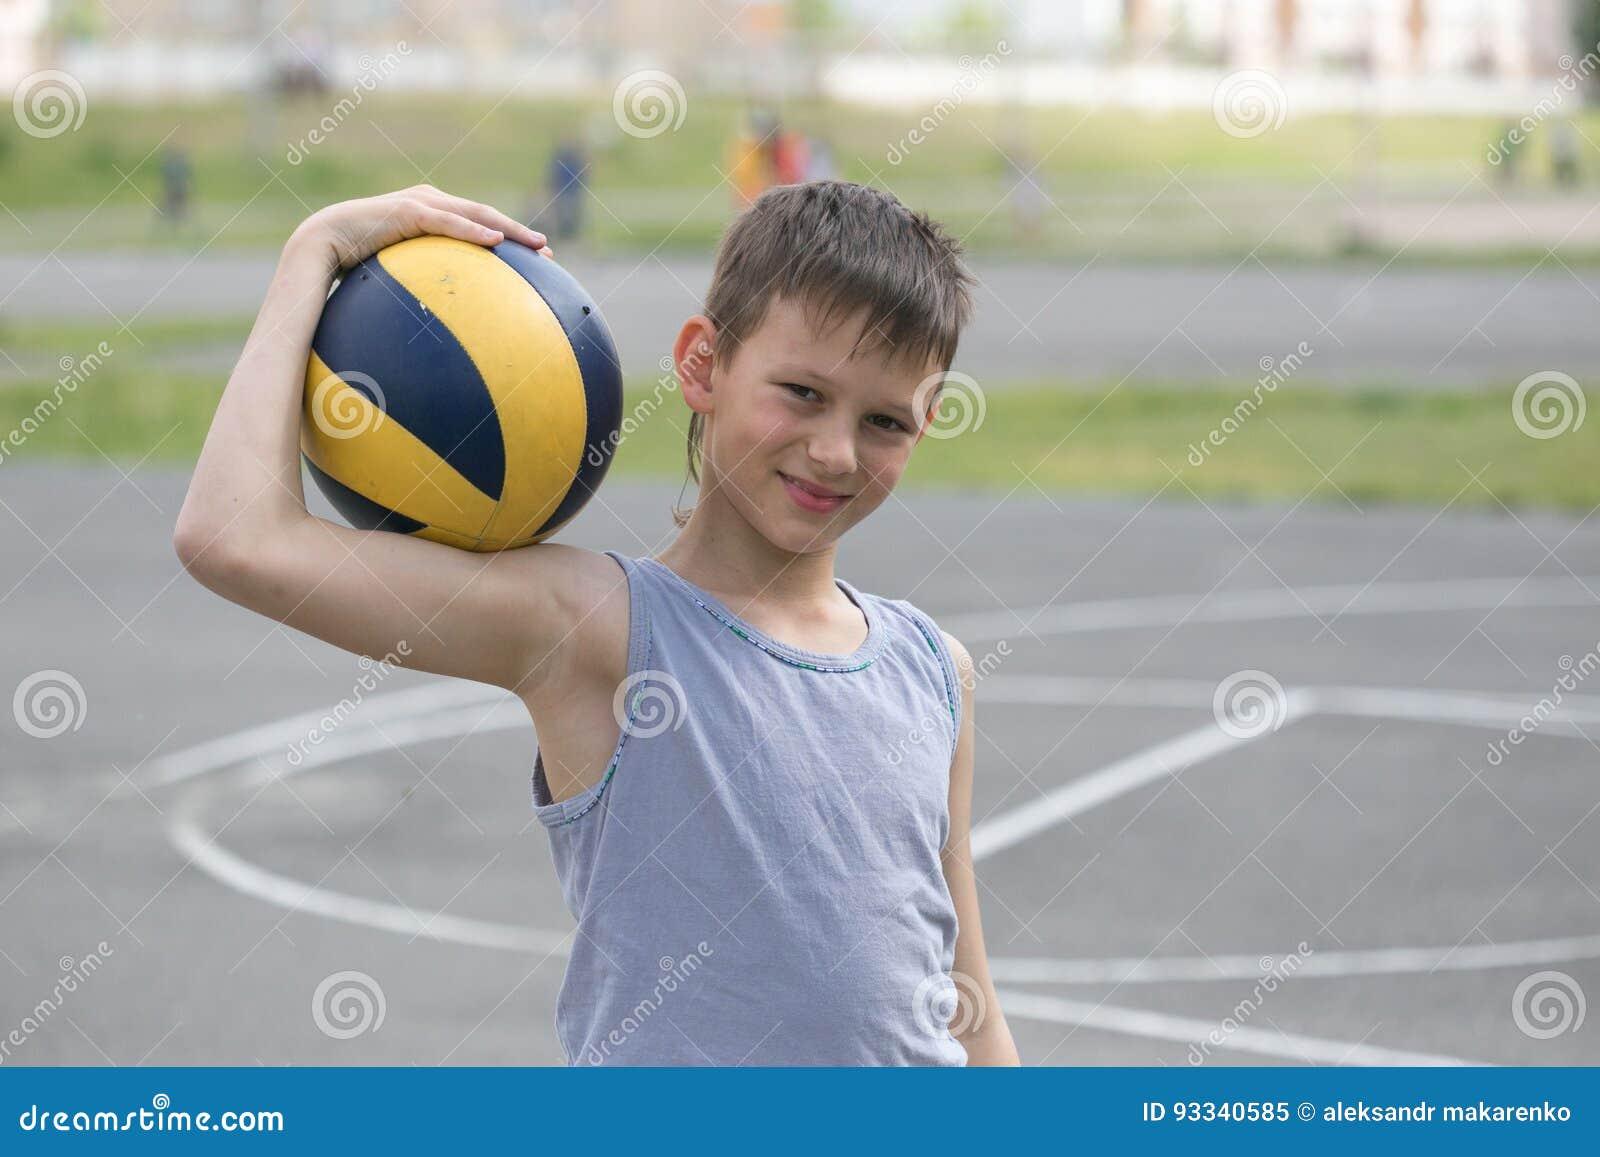 Een tiener in een vest houdt een bal in zijn hand